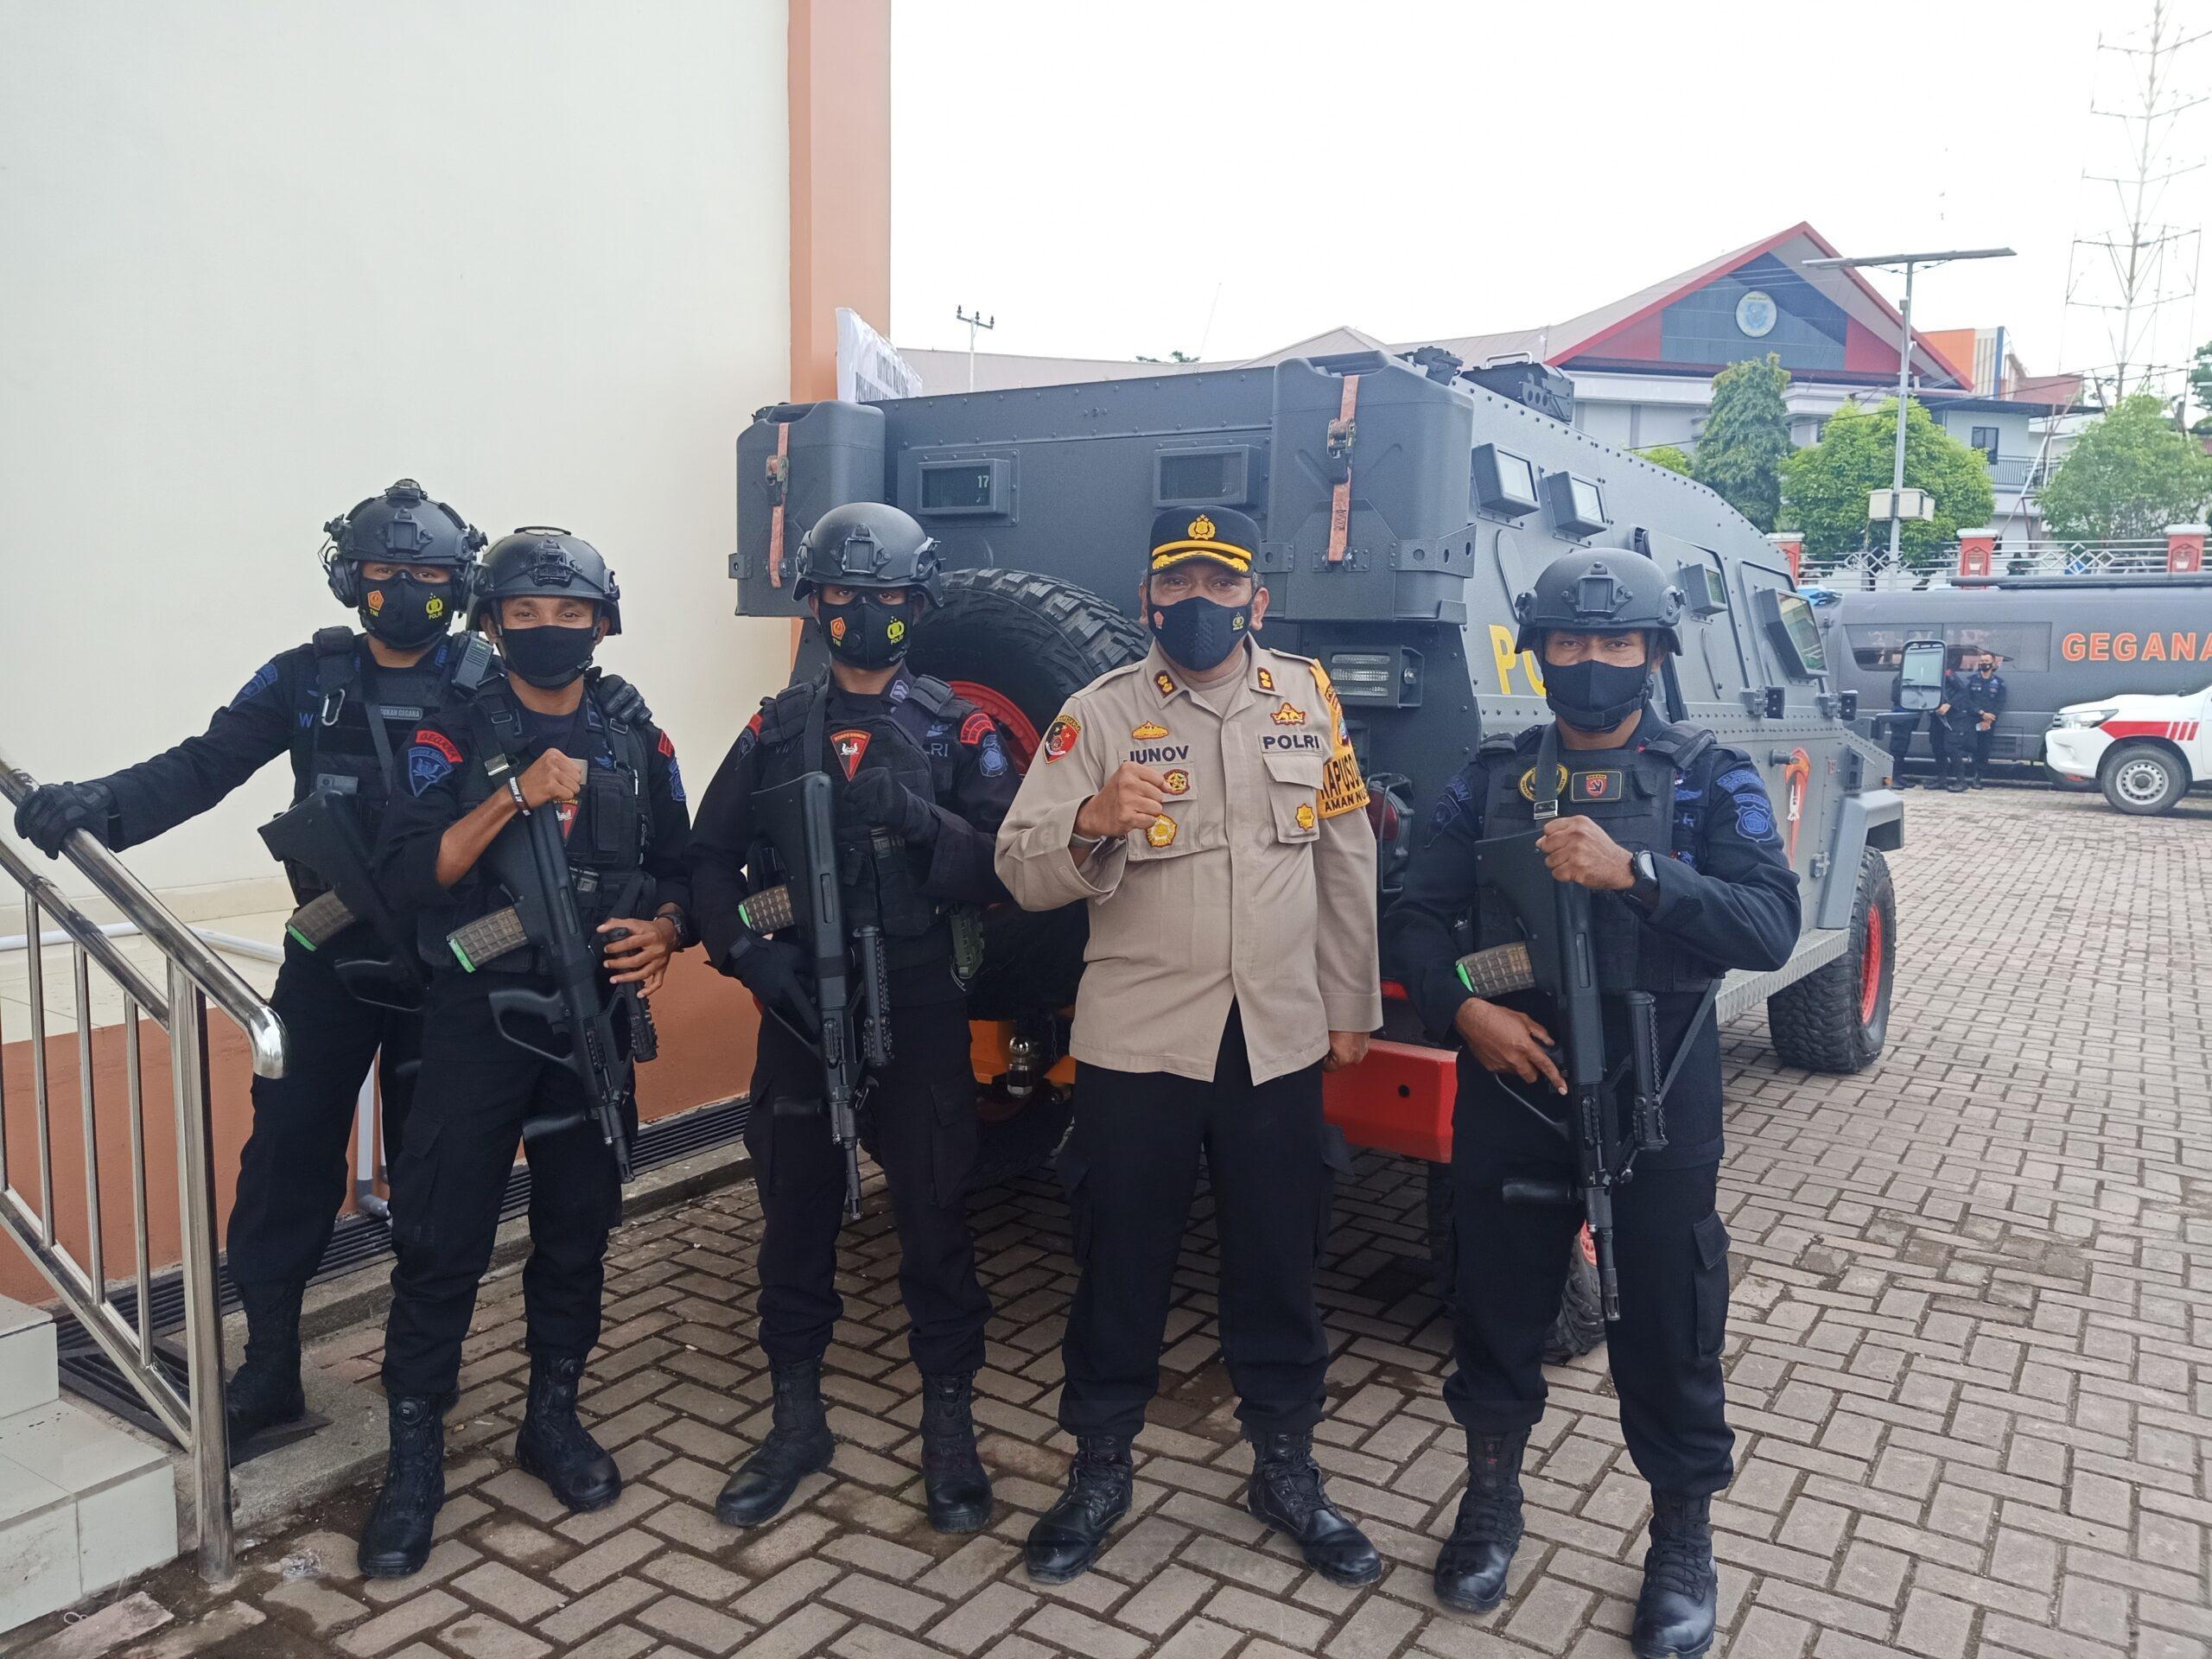 Polda Papua Barat Siapkan 432 Personel Amankan Pelantikan 4 Pasang Pemimpin Daerah 1 IMG20210226120722 scaled